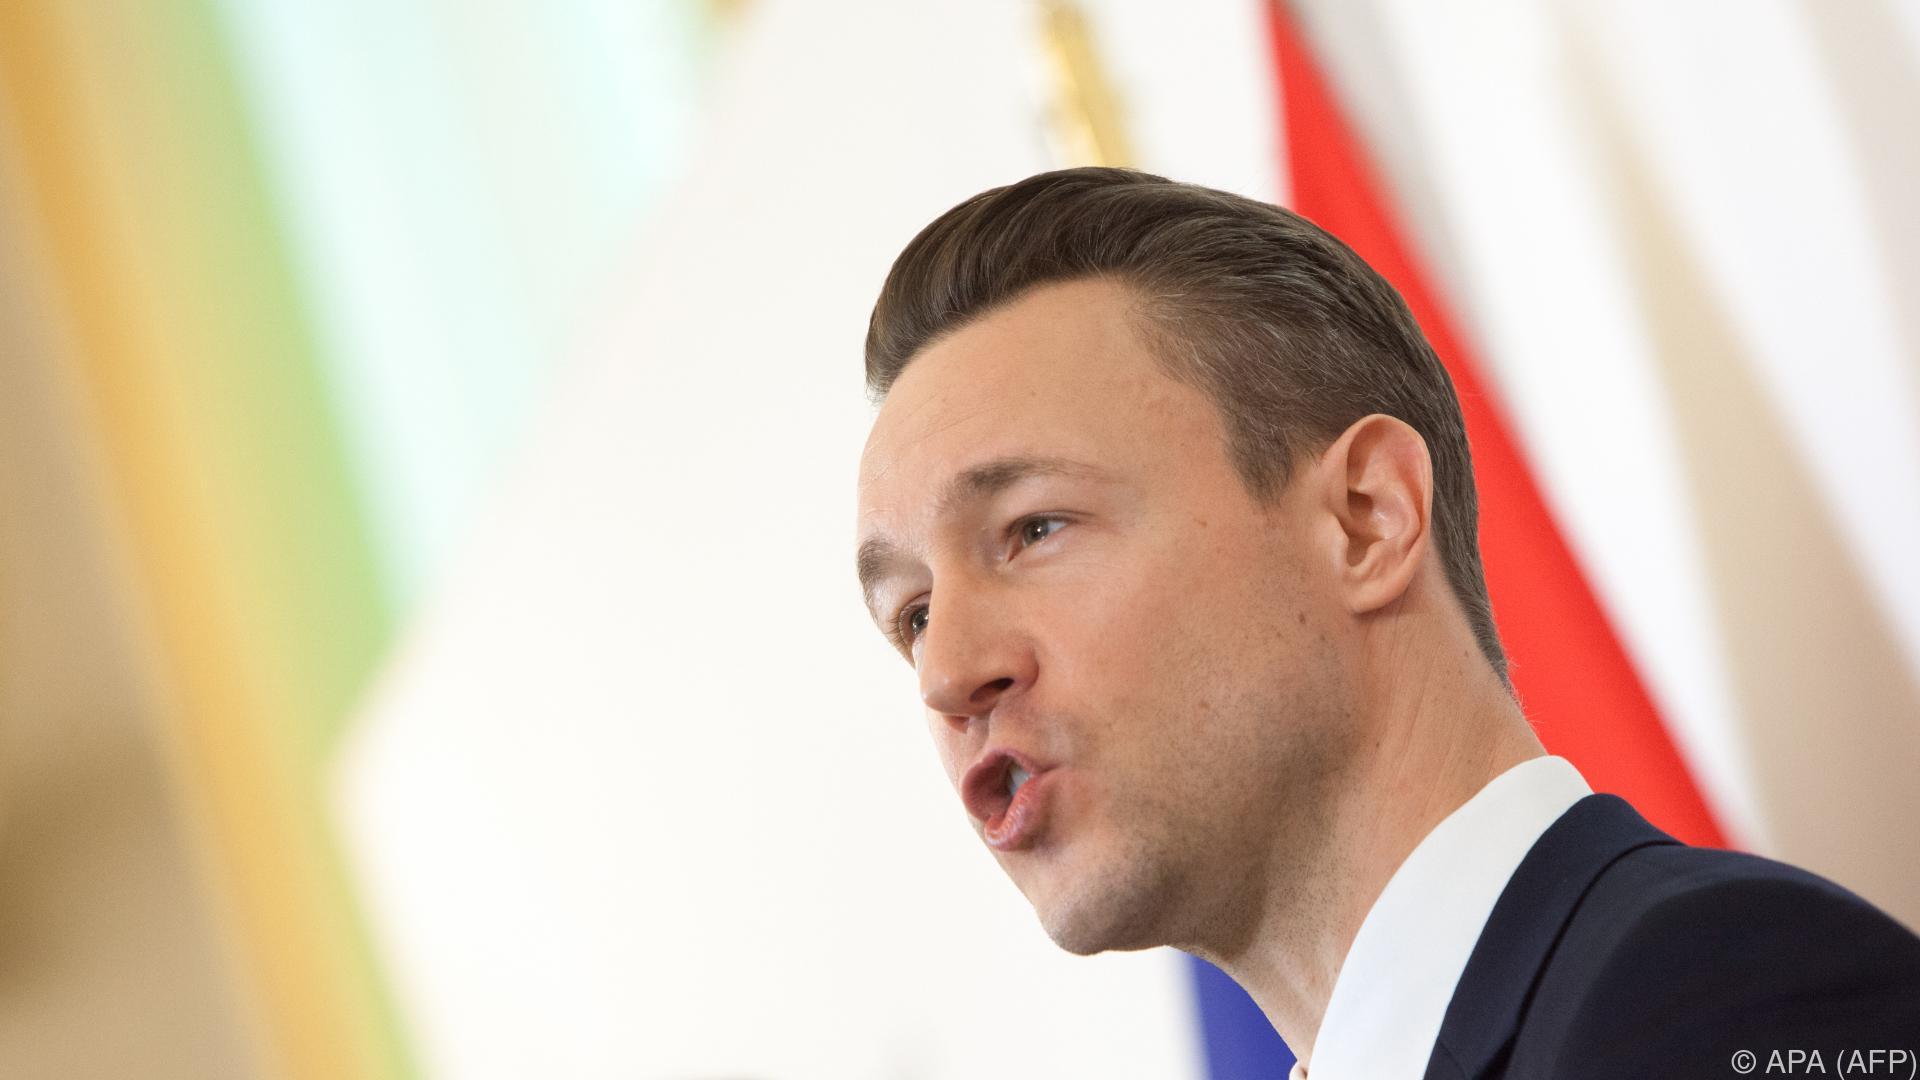 Österreich droht mit Ausstieg aus geplanter Finanztransaktionssteuer